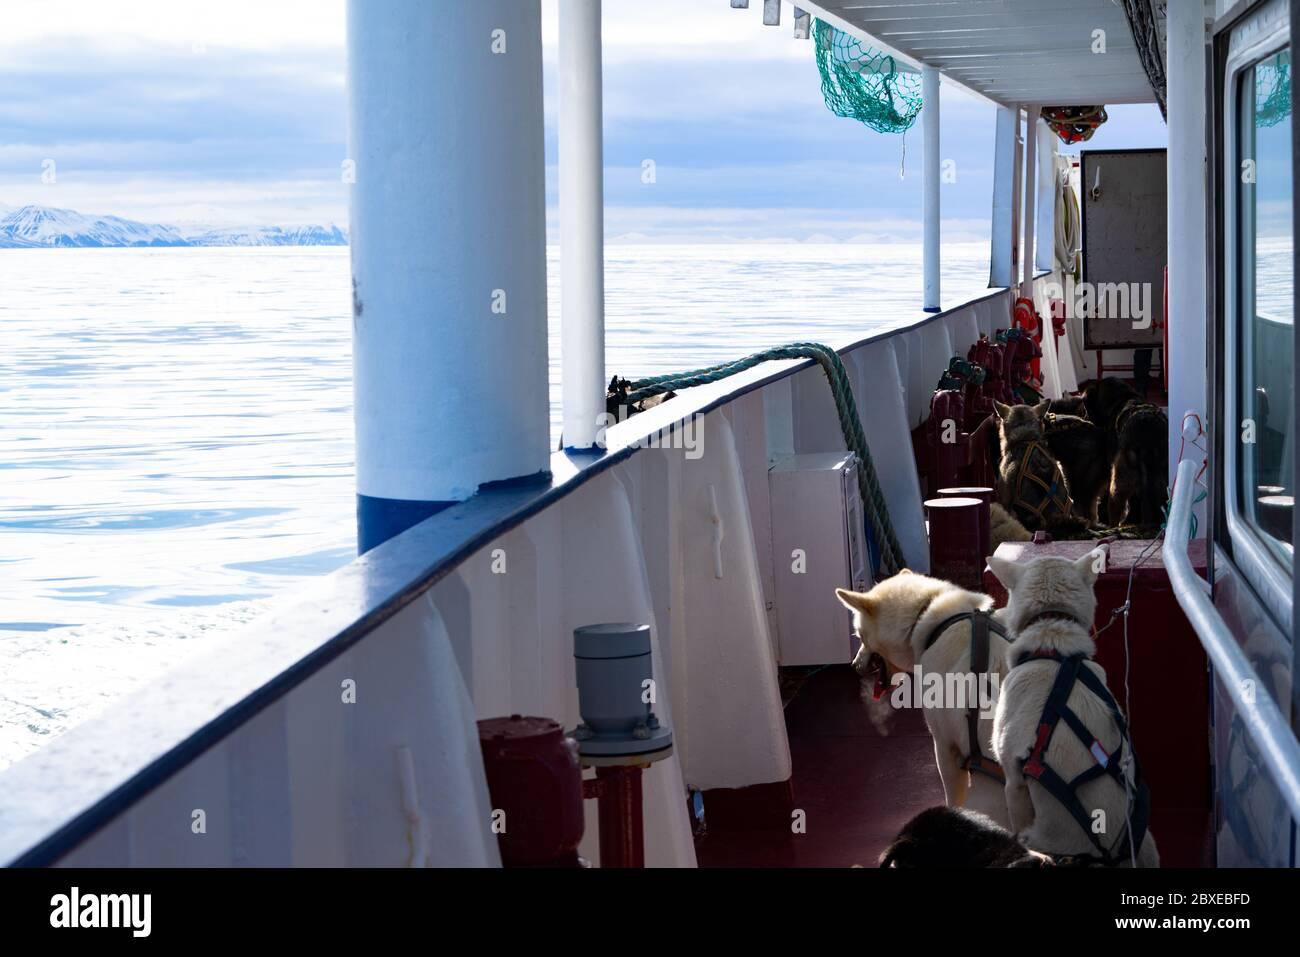 Norvège, Spitsbergen, 10 mars 2018 : chiens Husky voyageant sur un navire dans l'Arctique sur le Spitsbergen. Banque D'Images